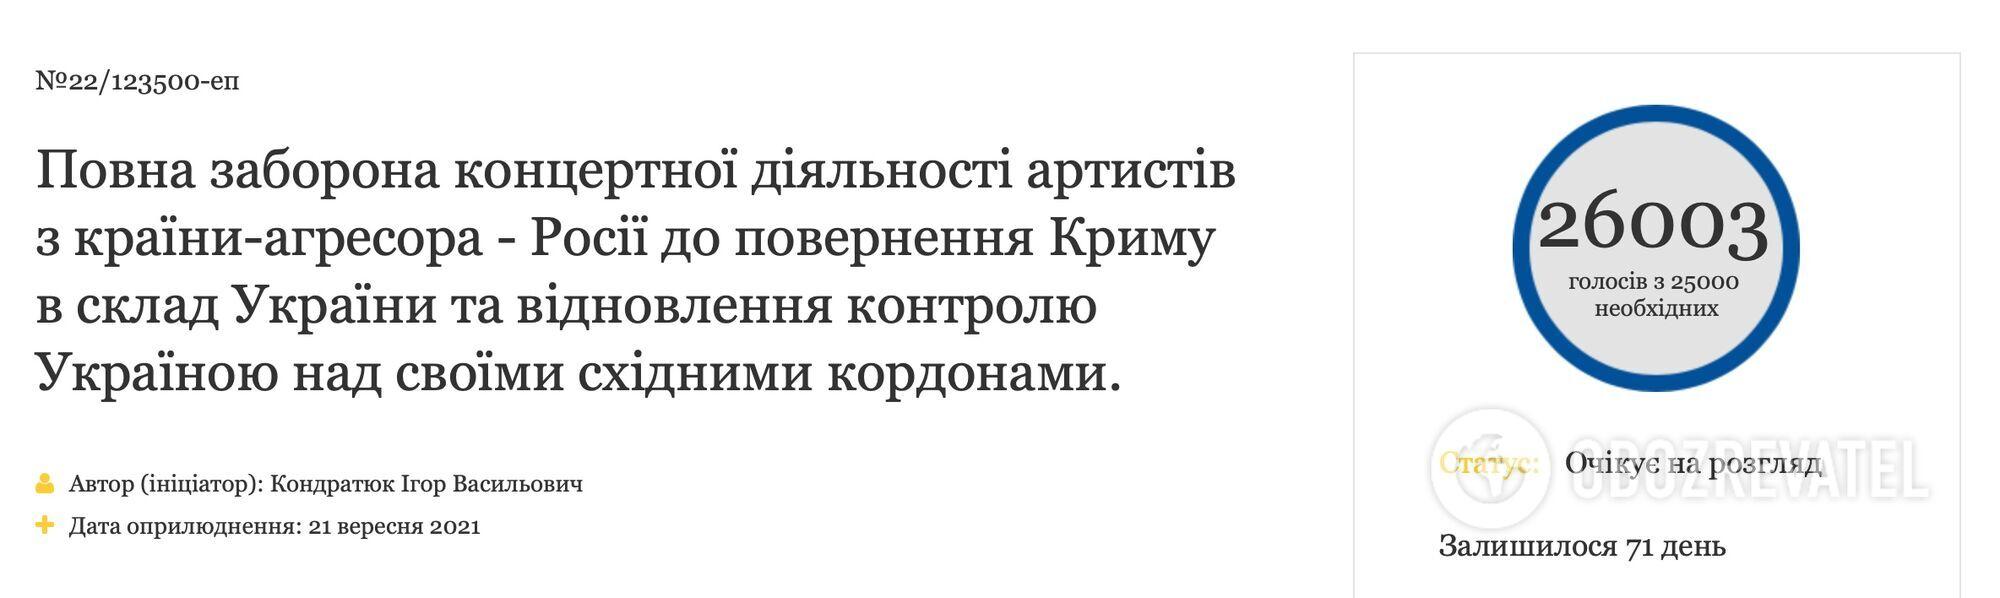 Петиция, которую инициировал Кондратюк, набрала более 25 тыс. голосов